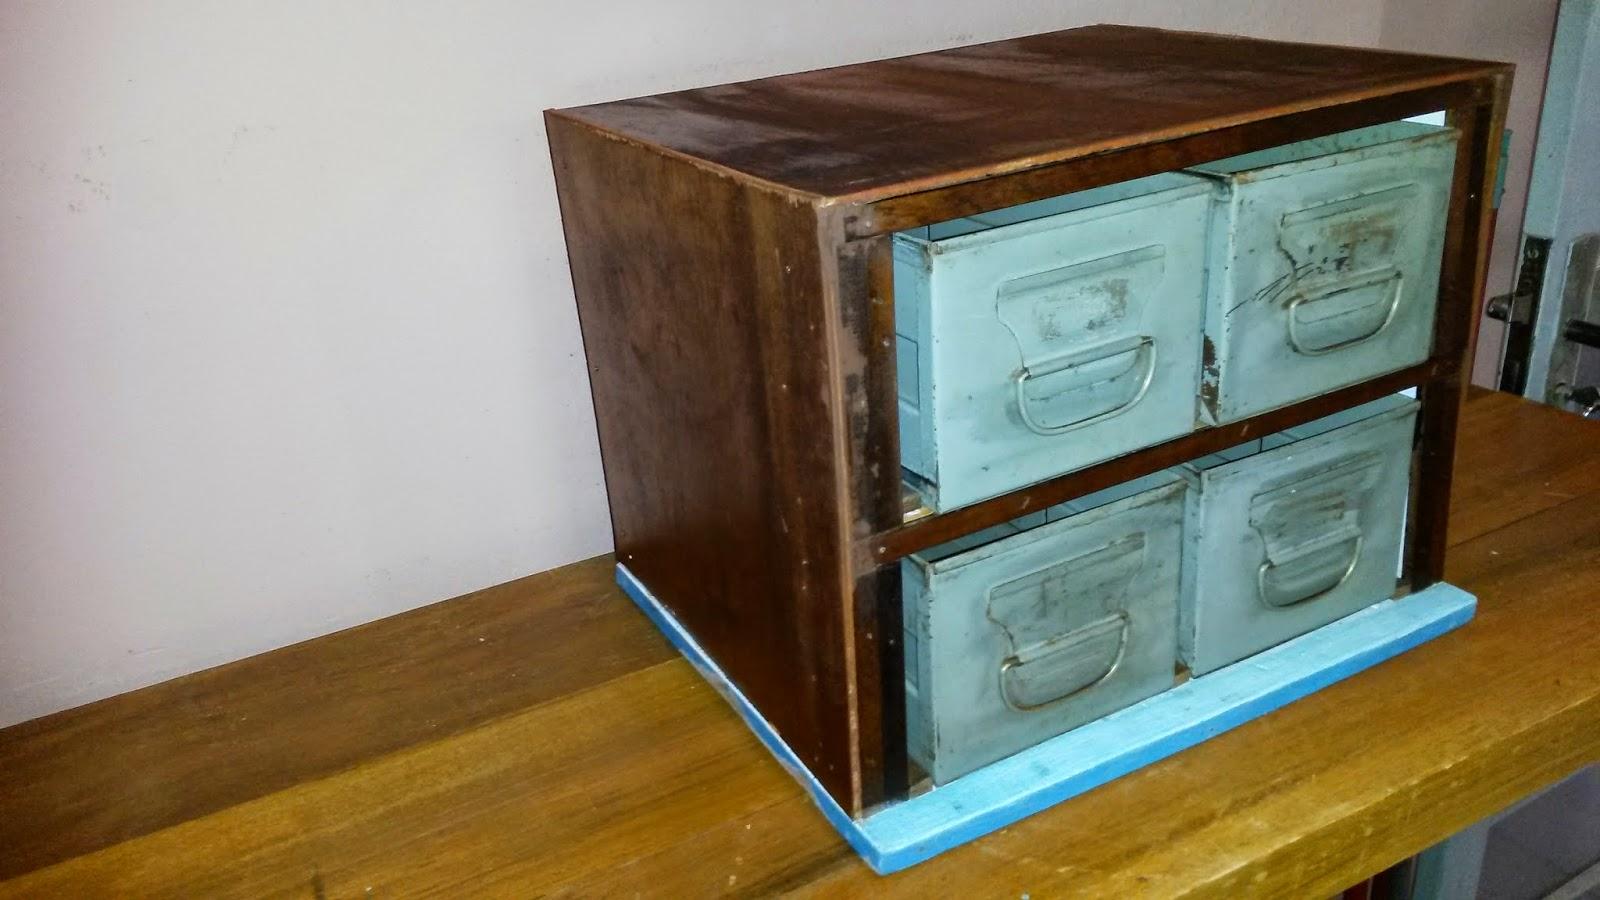 de uma treliça um pedaço de madeira quadrado para servir de base e #8C6419 1600x900